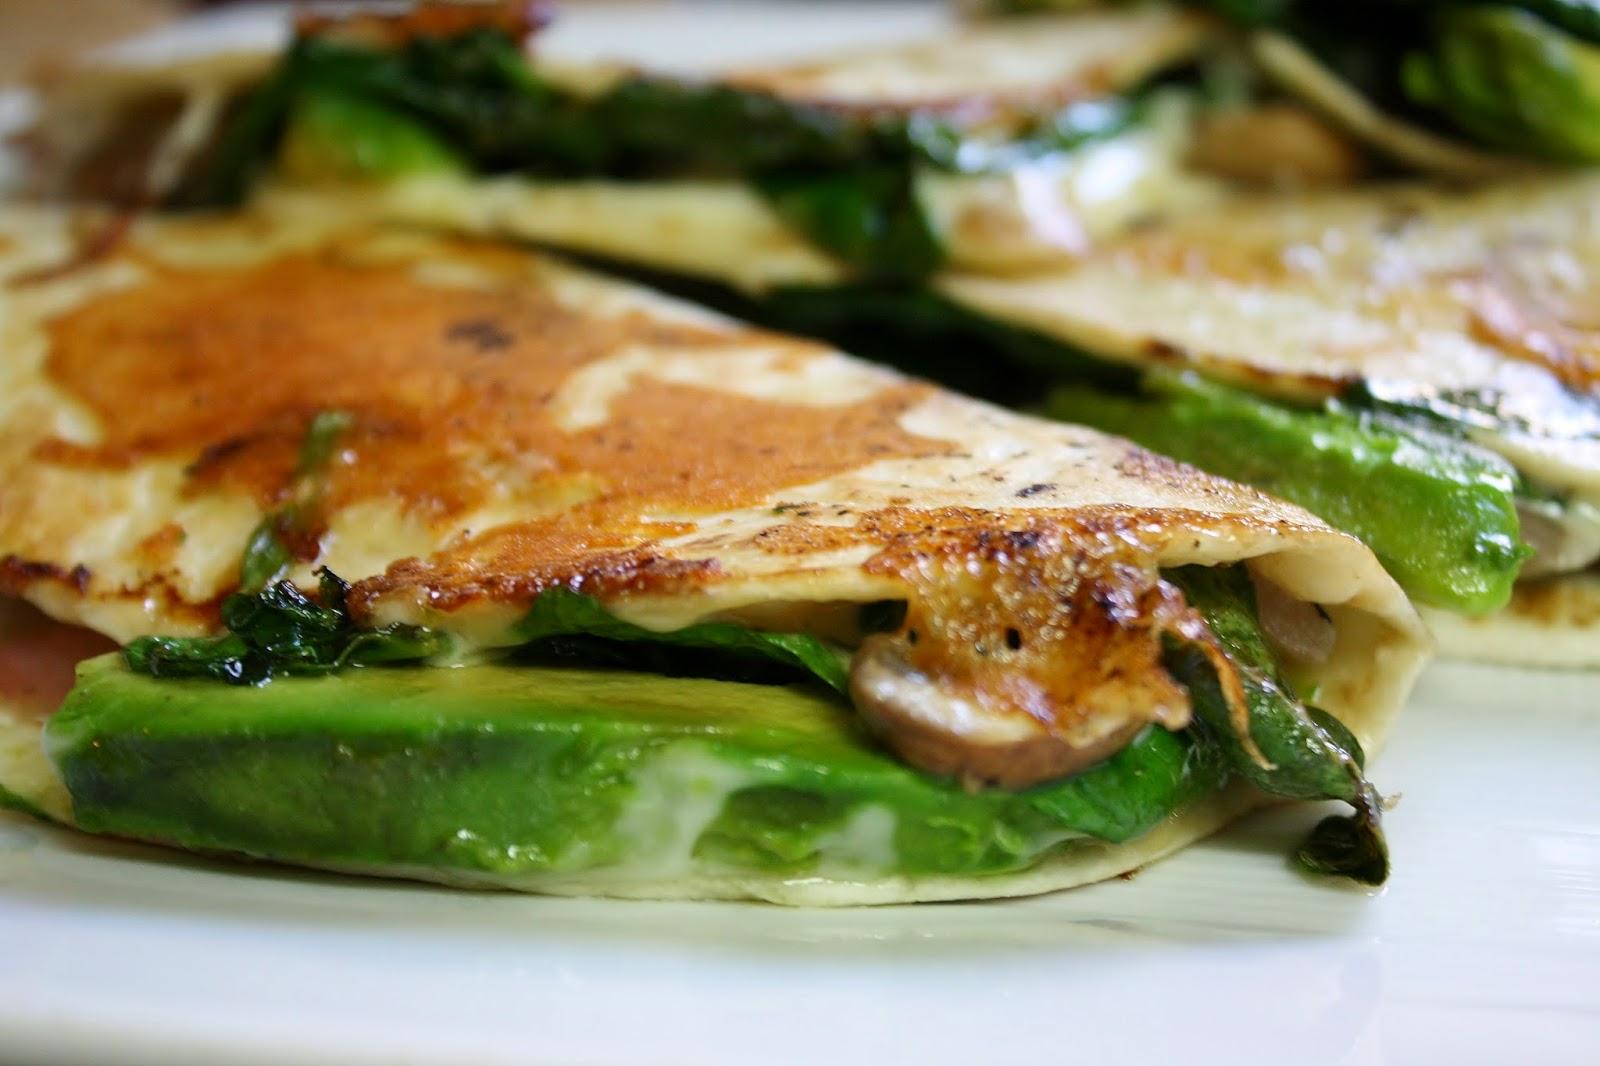 http://eatprayjuice.blogspot.com/2014/05/crispy-mushroom-spinach-and-avocado.html